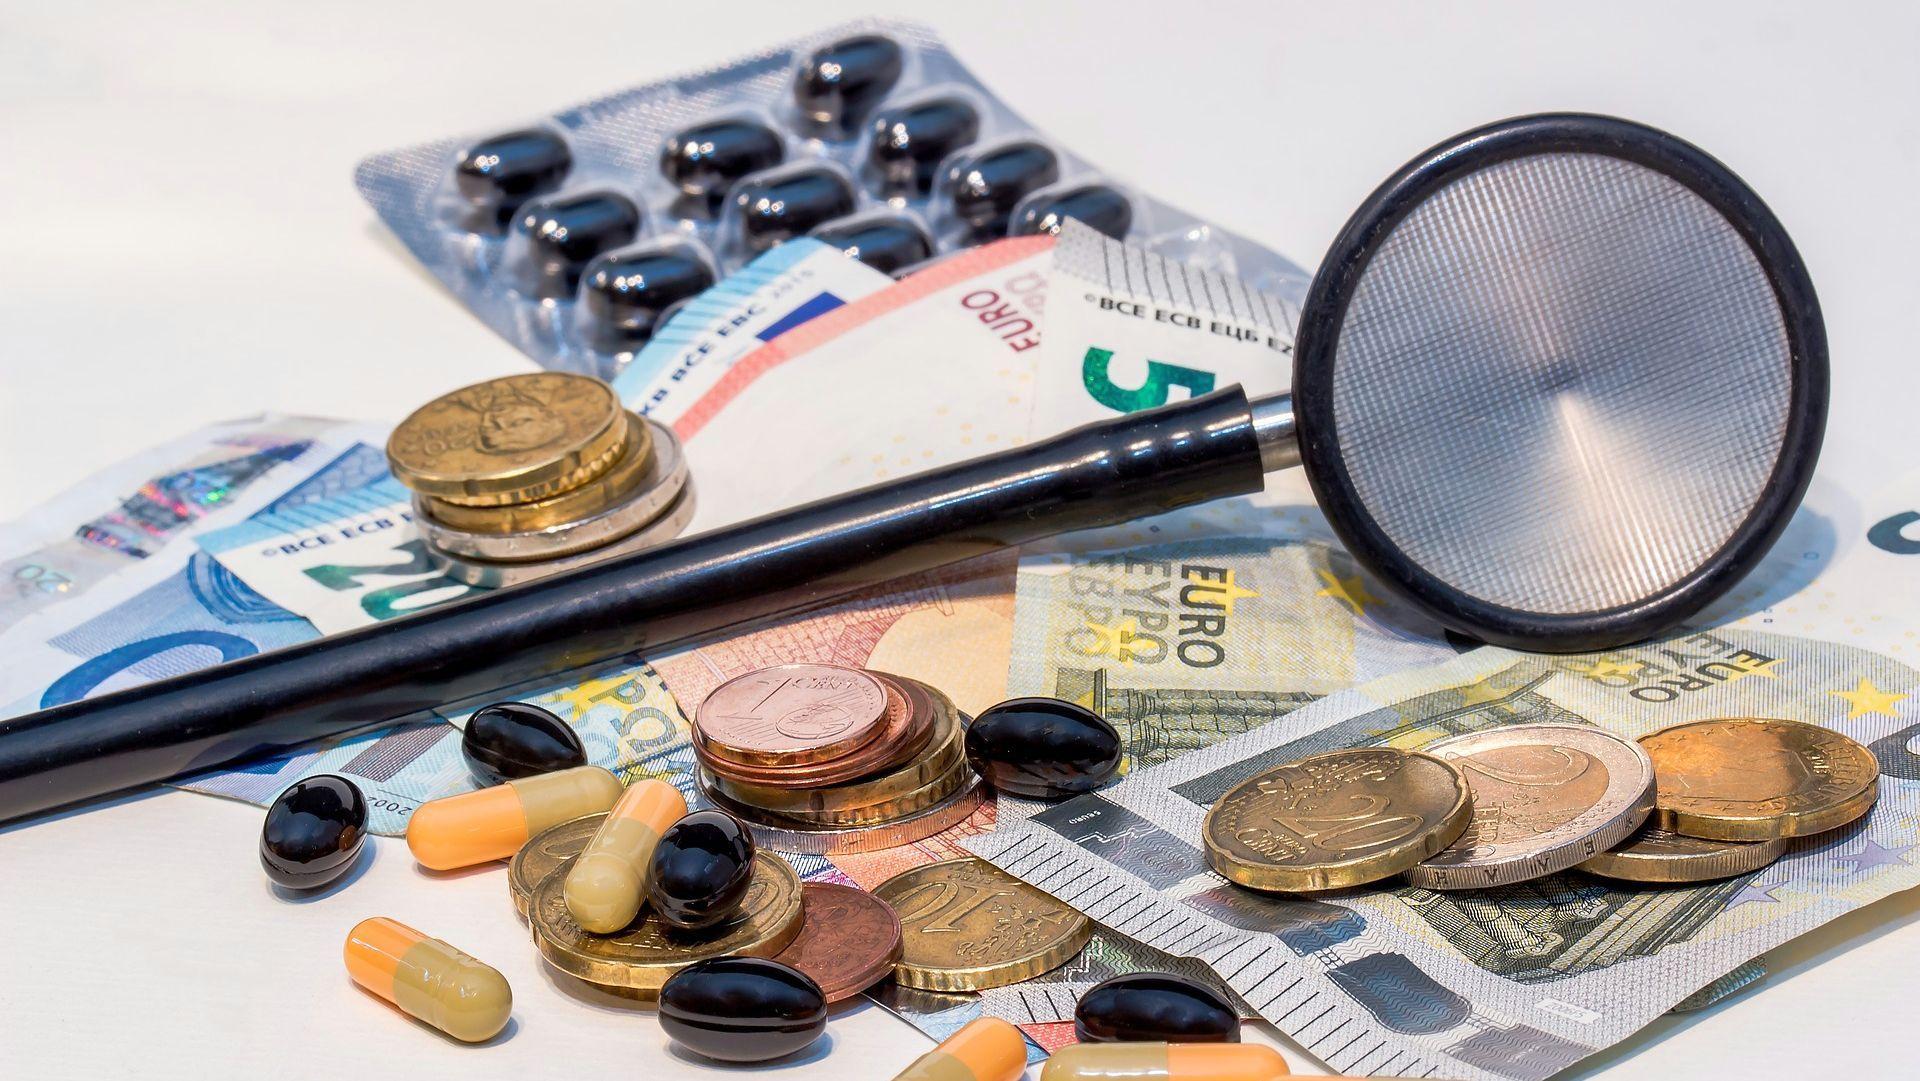 De komende maanden starten de onderhandelingen over de hoofdlijnenakkoorden. VWS doet een goed openingsbod van 18 miljard euro. Hoe reageren de belangenorganisaties?